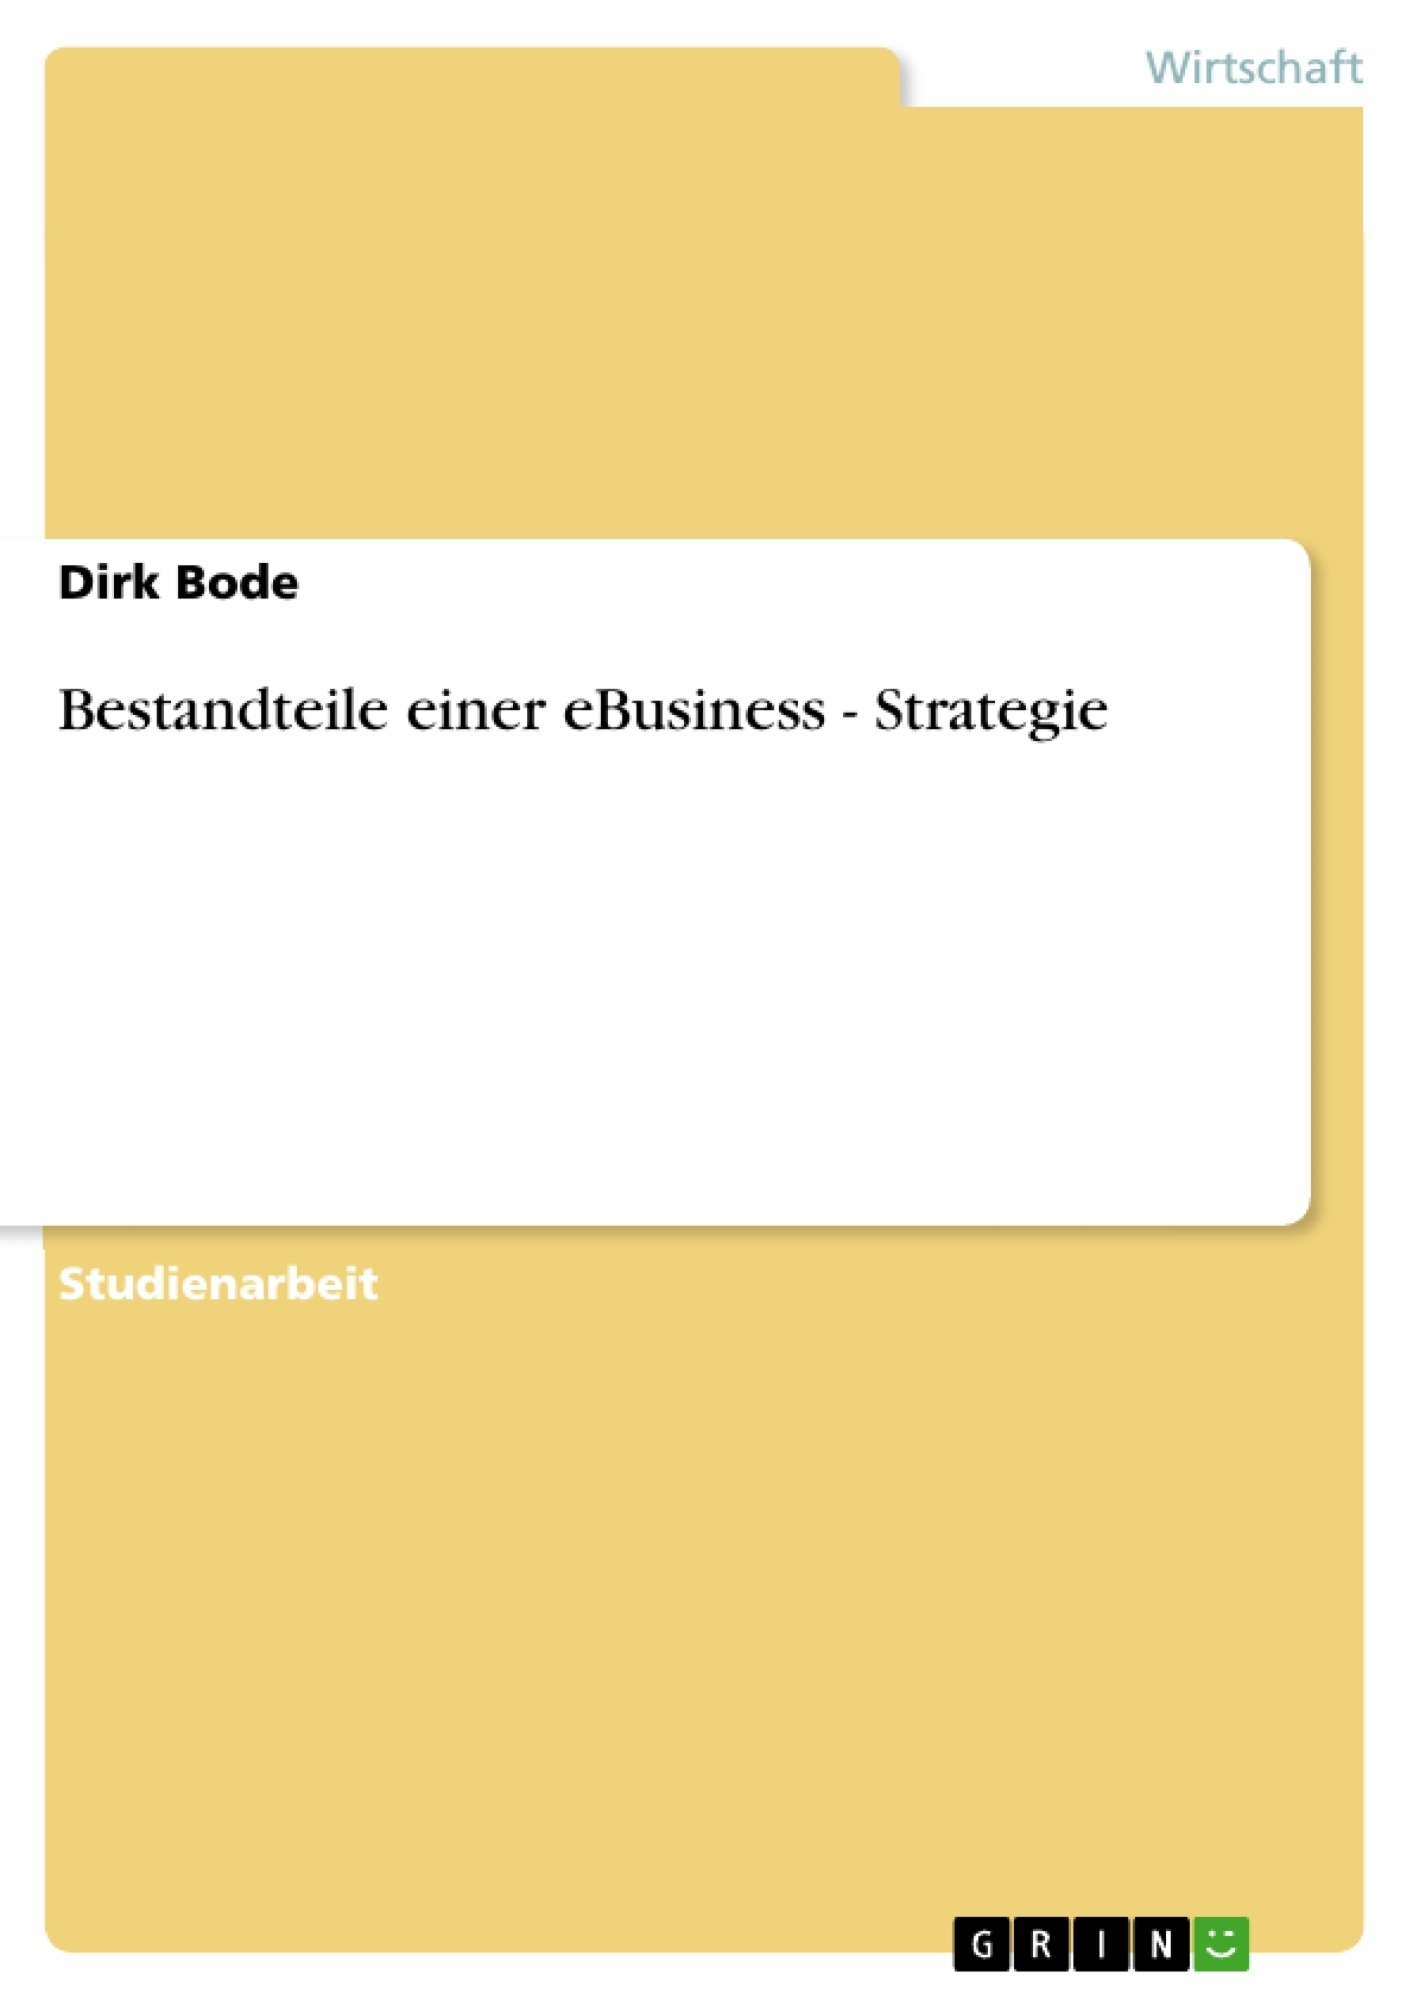 Titel: Bestandteile einer eBusiness - Strategie